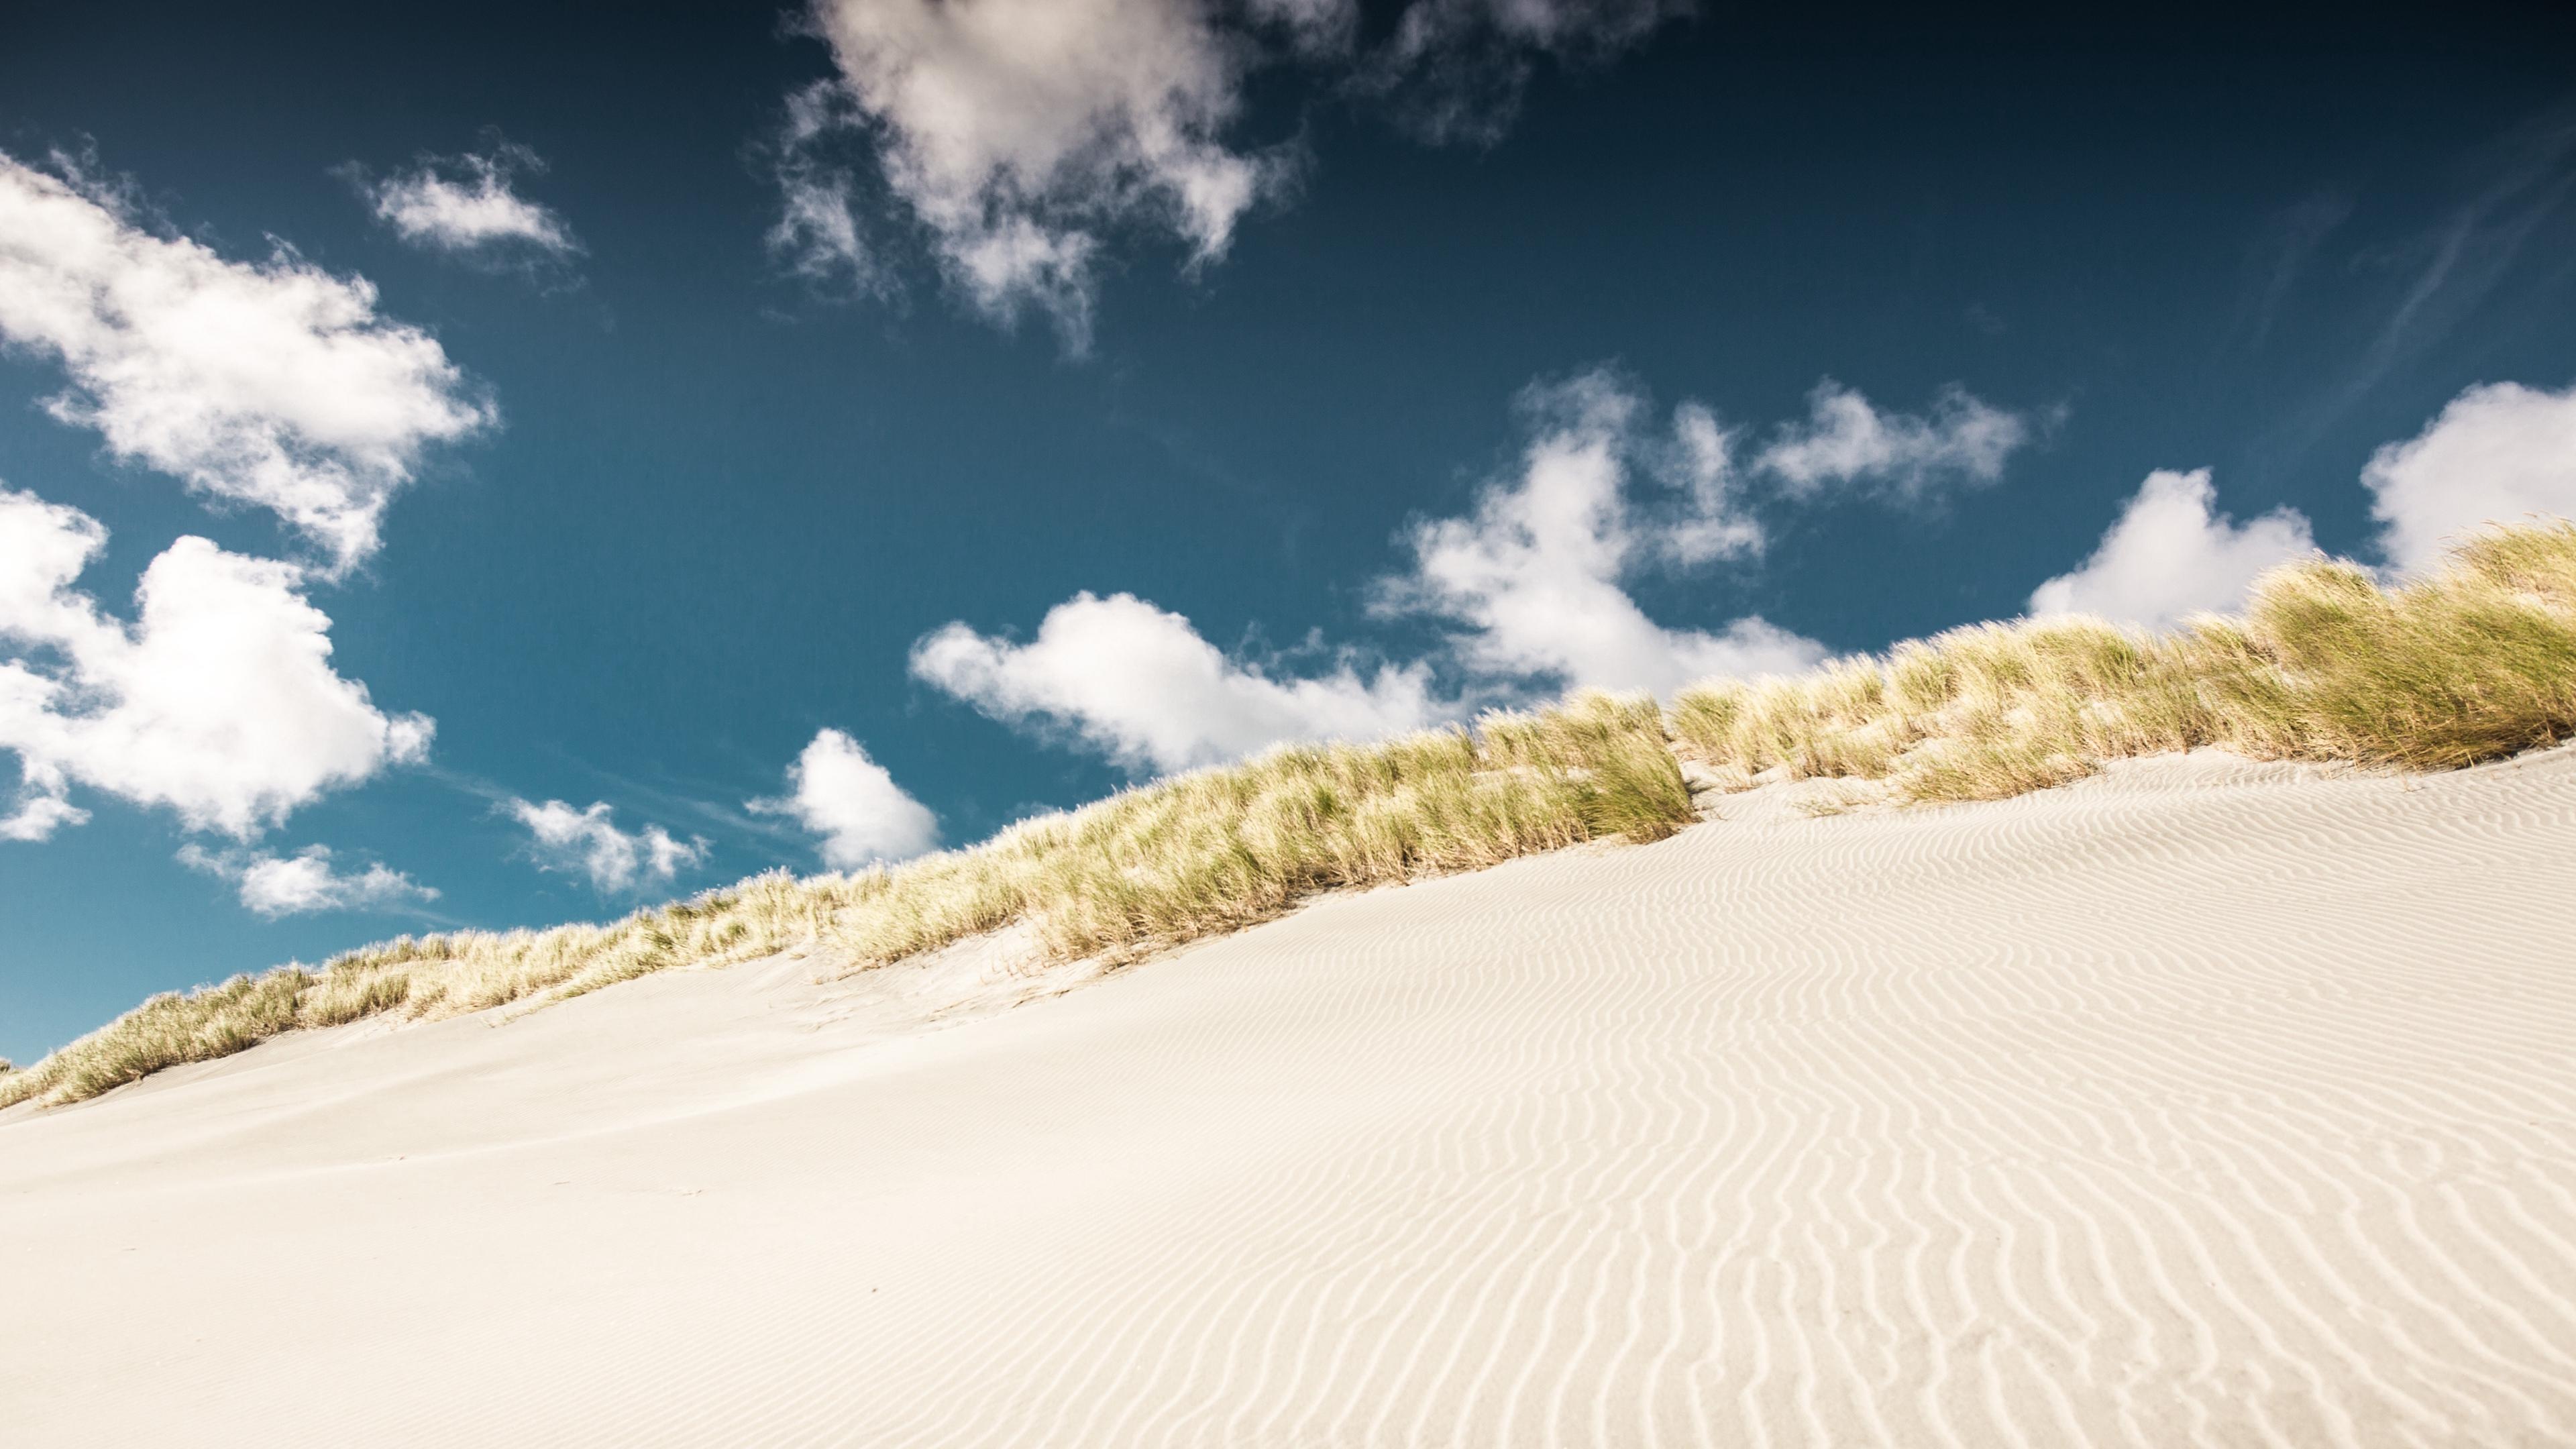 desert sand layers new zealand 4k 1541113685 - desert, sand, layers, new zealand 4k - Sand, Layers, Desert